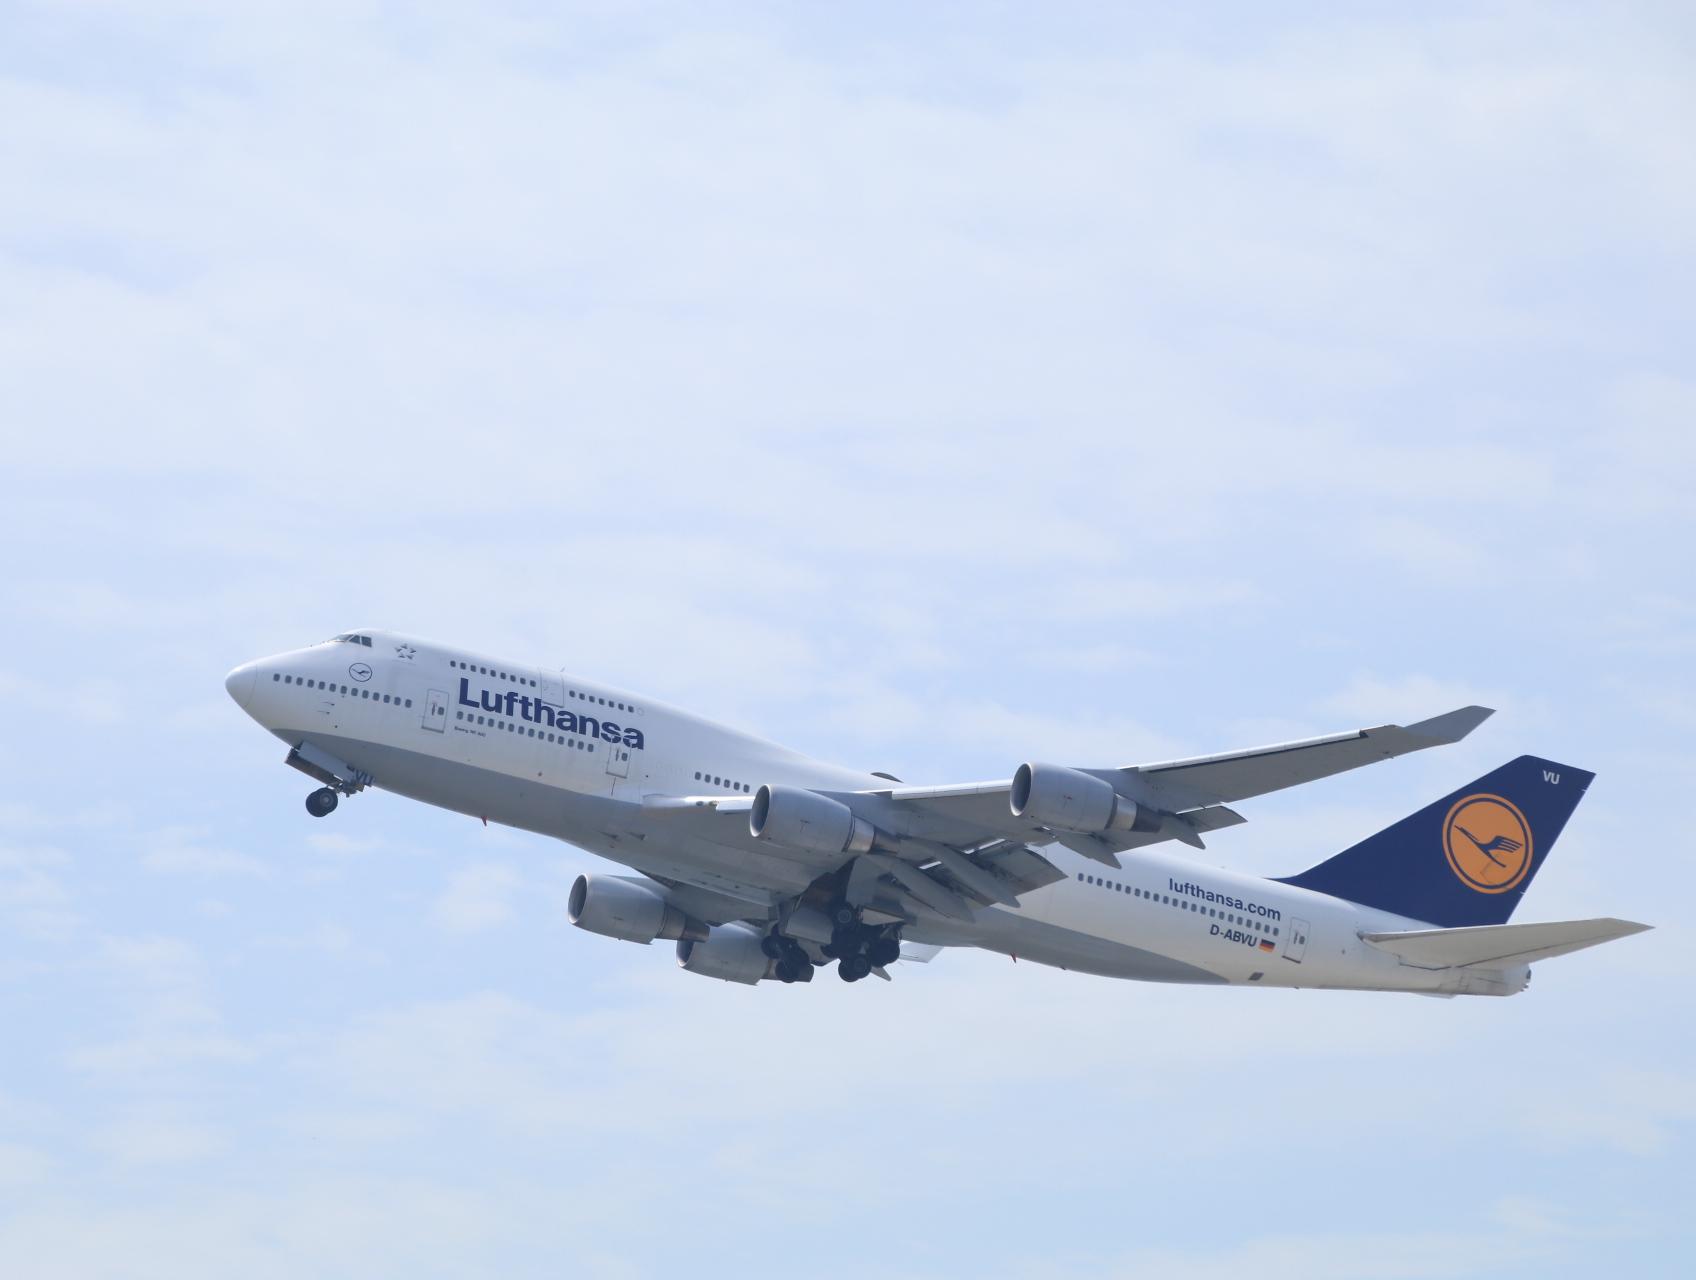 2018年 5月 KIXレポート ルフトハンザ航空(LH)ボーイング747-400型_d0202264_22224882.jpg